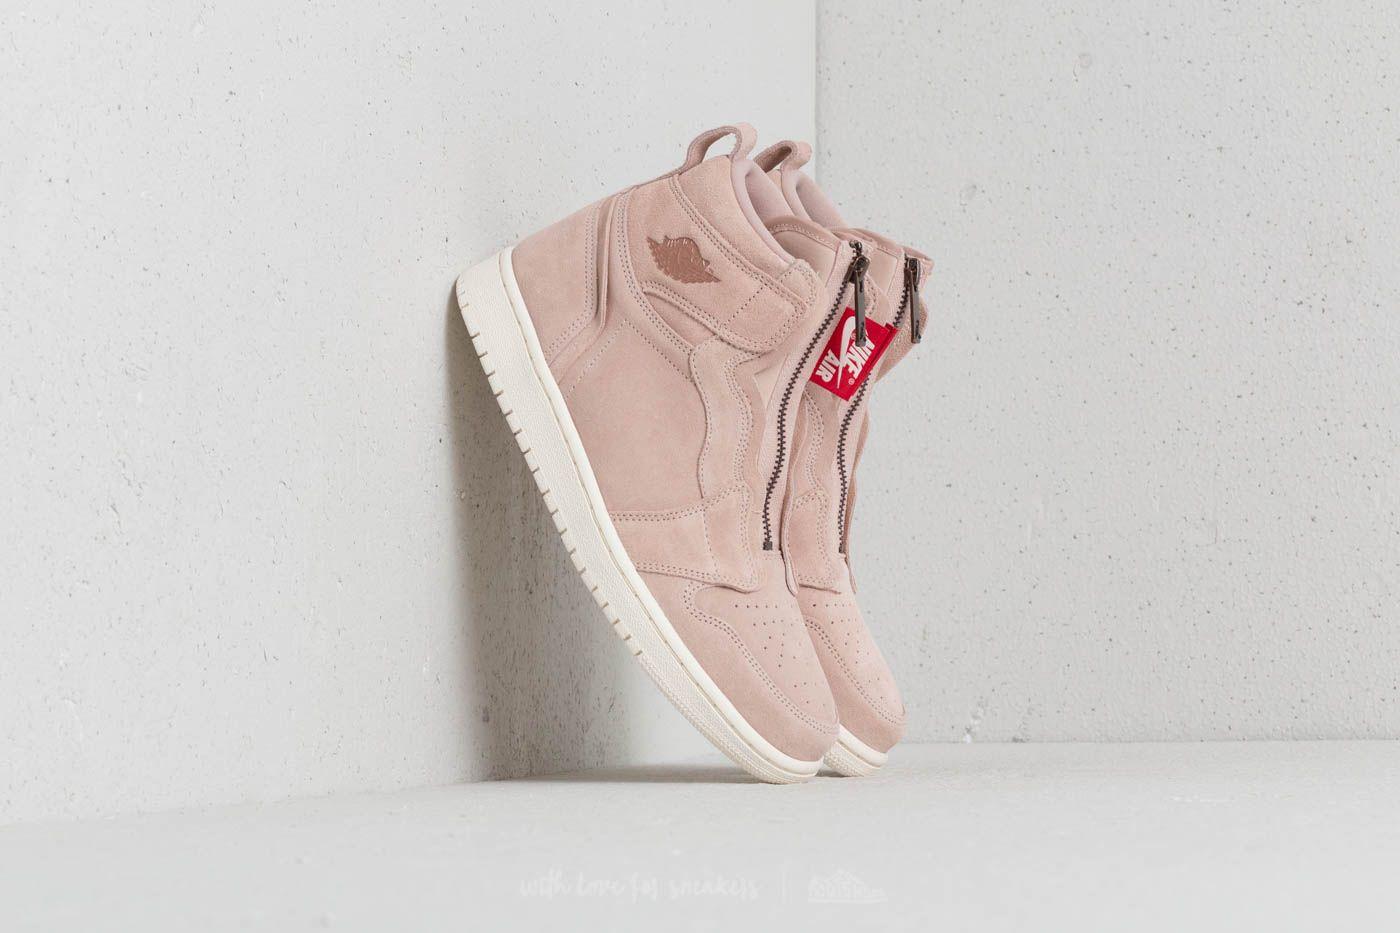 Air Jordan 1 High Zip Wmns